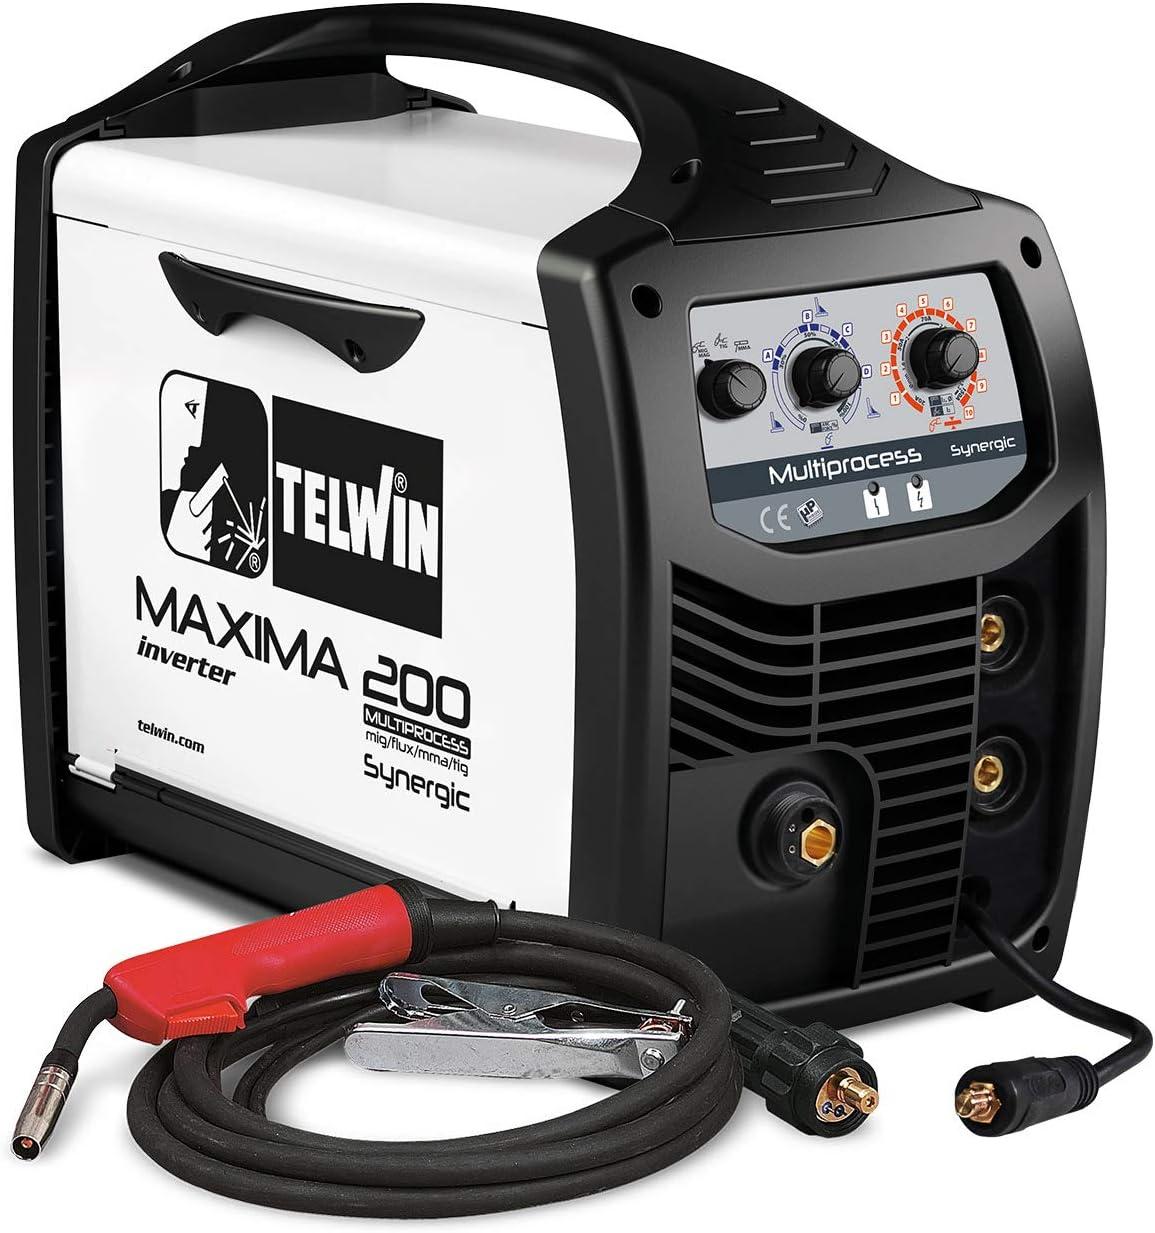 Telwin Elements Maxima 200Multi Proceso SynergicGas Soldador Mig/Mag Wig Mma Relleno Alambre 20170A, 230V, Incluye Relleno De Alambre De Manguera Del Paquete Y Sudor Escobillero